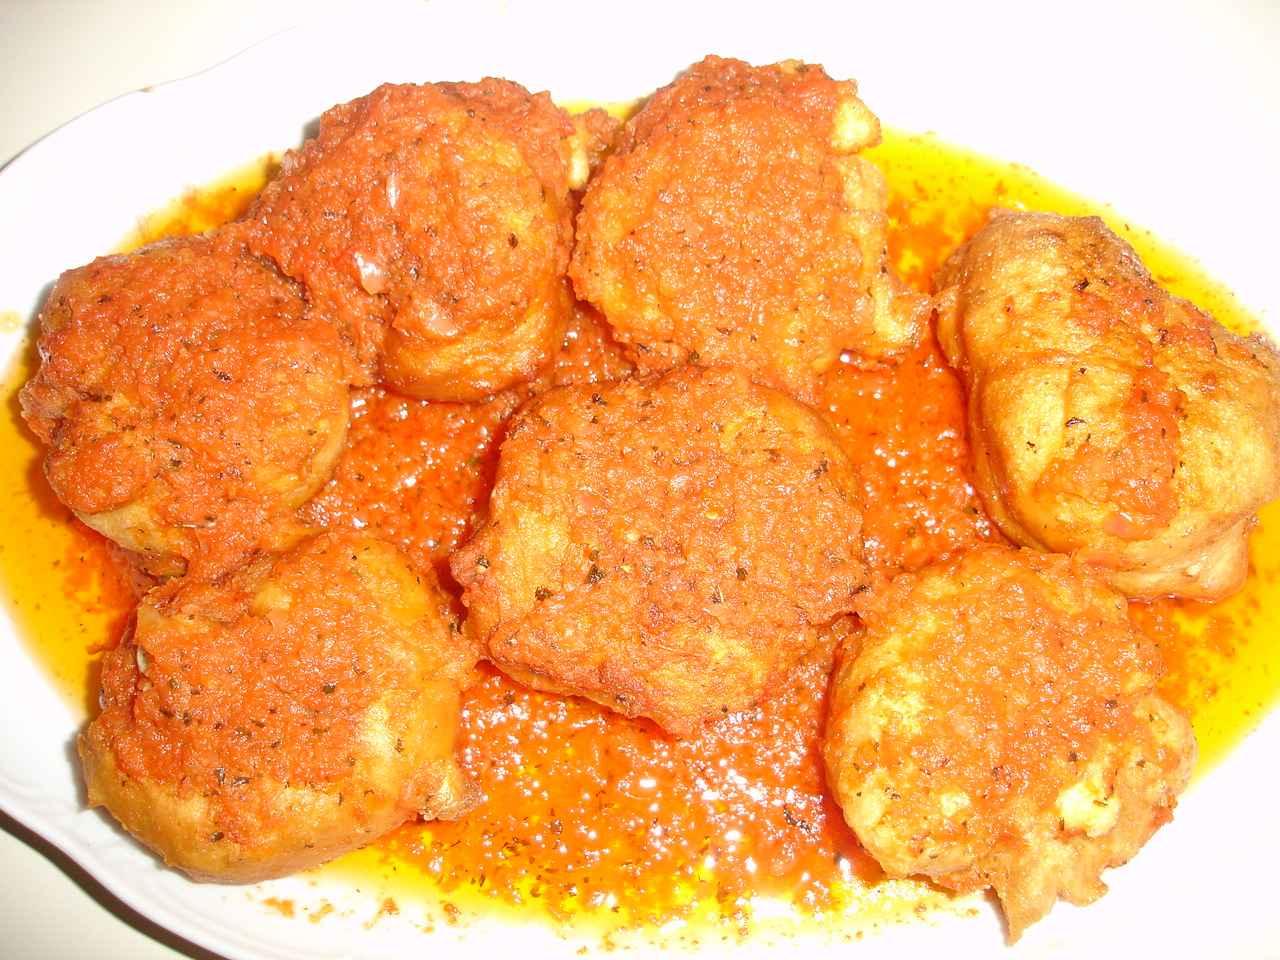 Πεντανόστιμοι Λουκουμάδες με Τυρί και Σάλτσα, που θα λατρέψουν μικροί και μεγάλοι!